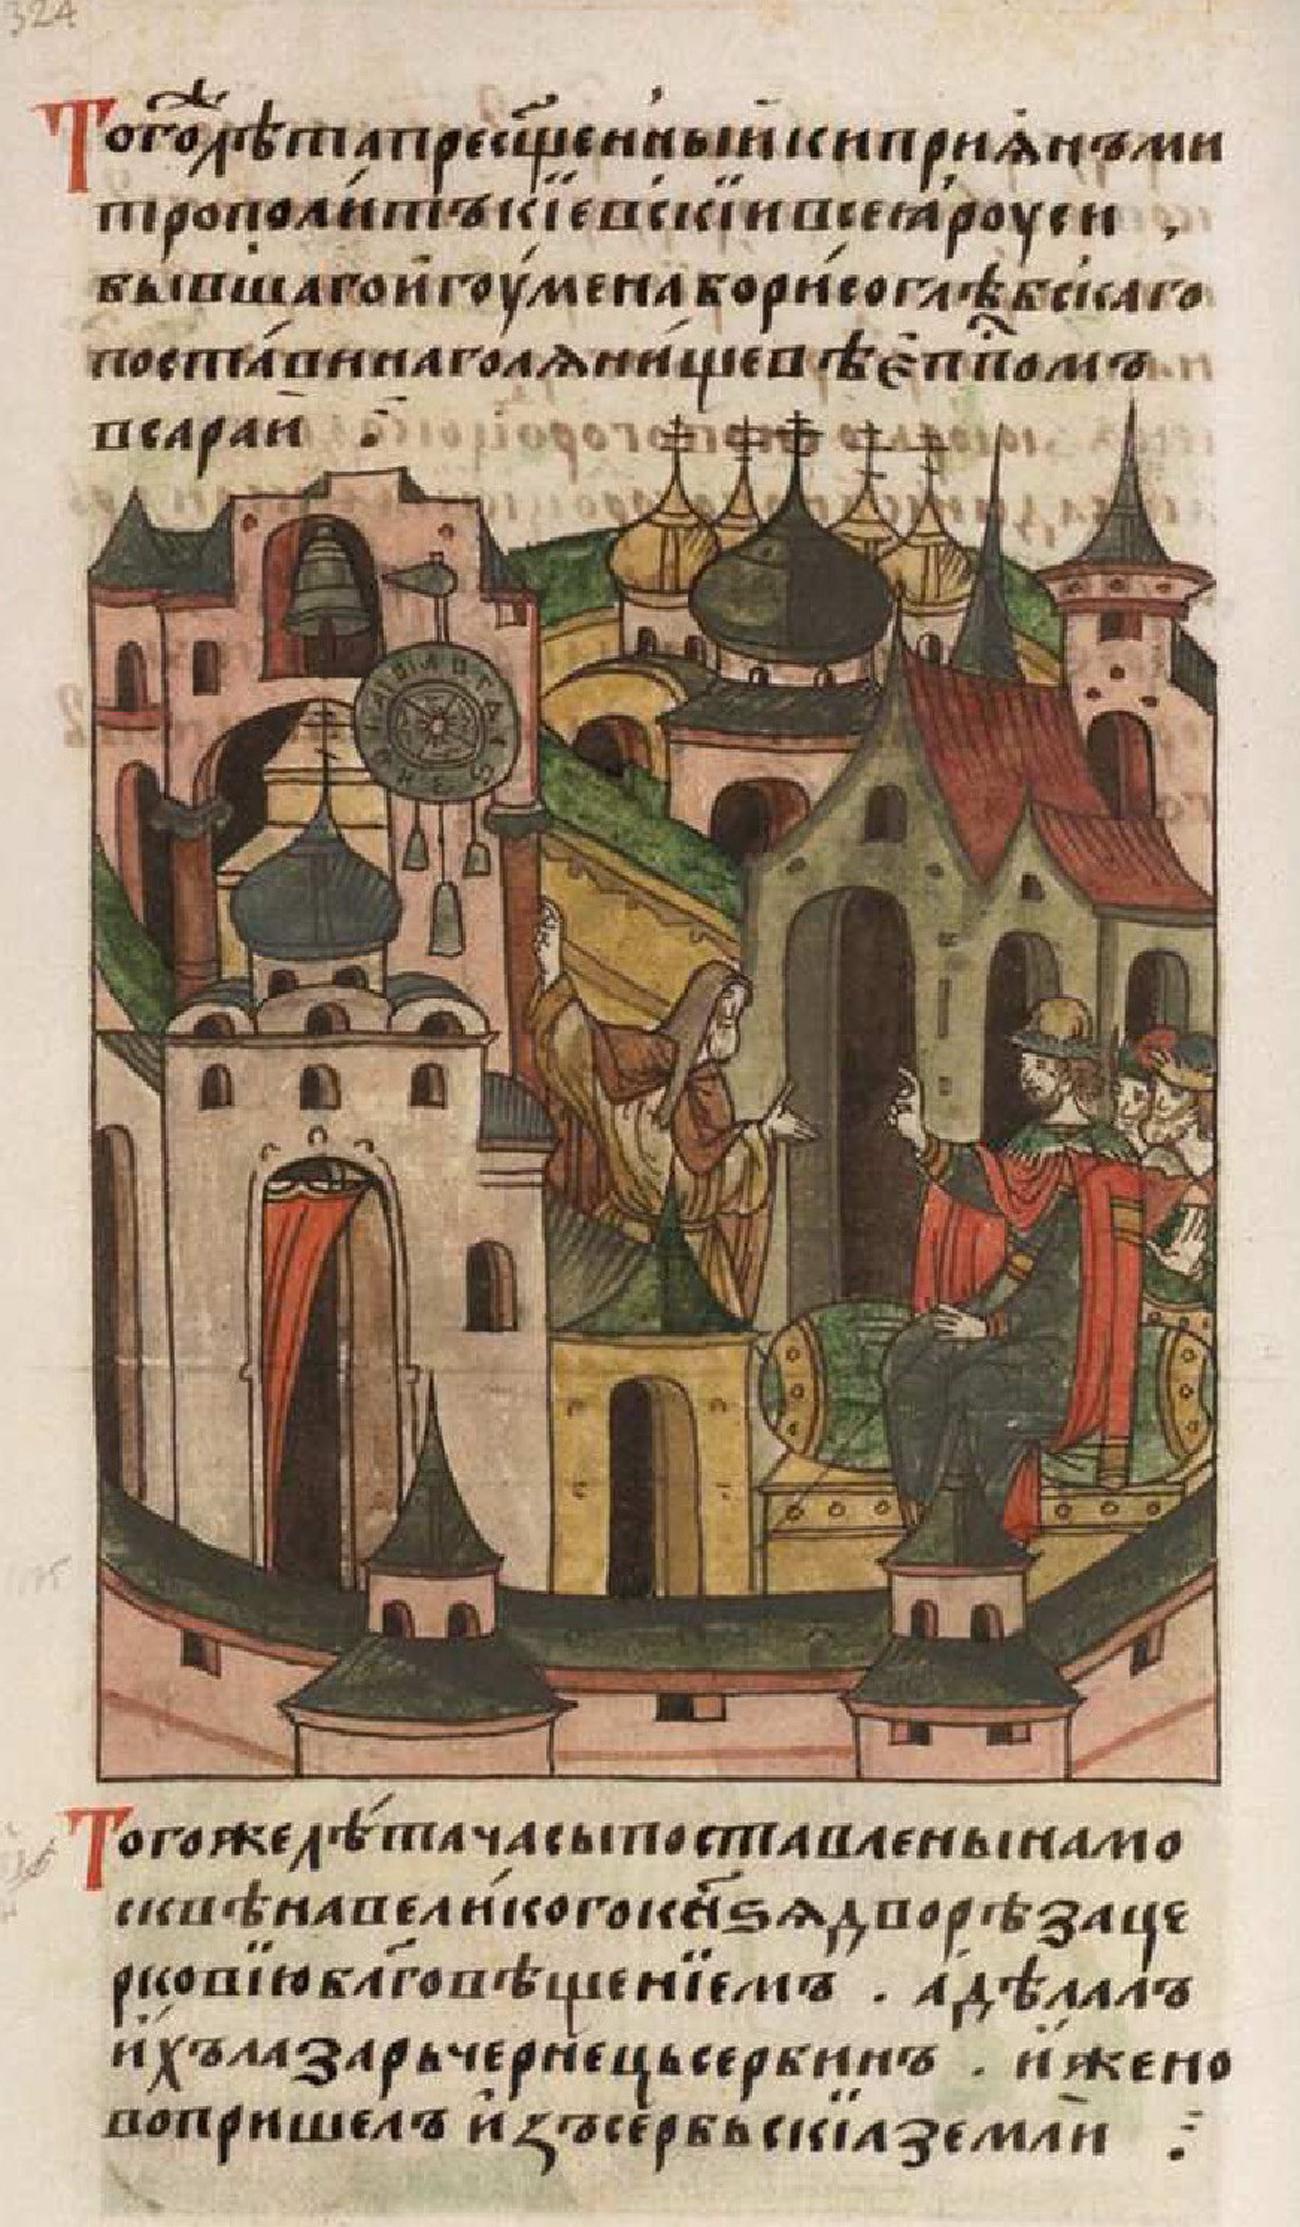 """Po padcu Konstantinopla se je Moskva oklicala za """"tretji Rim""""."""